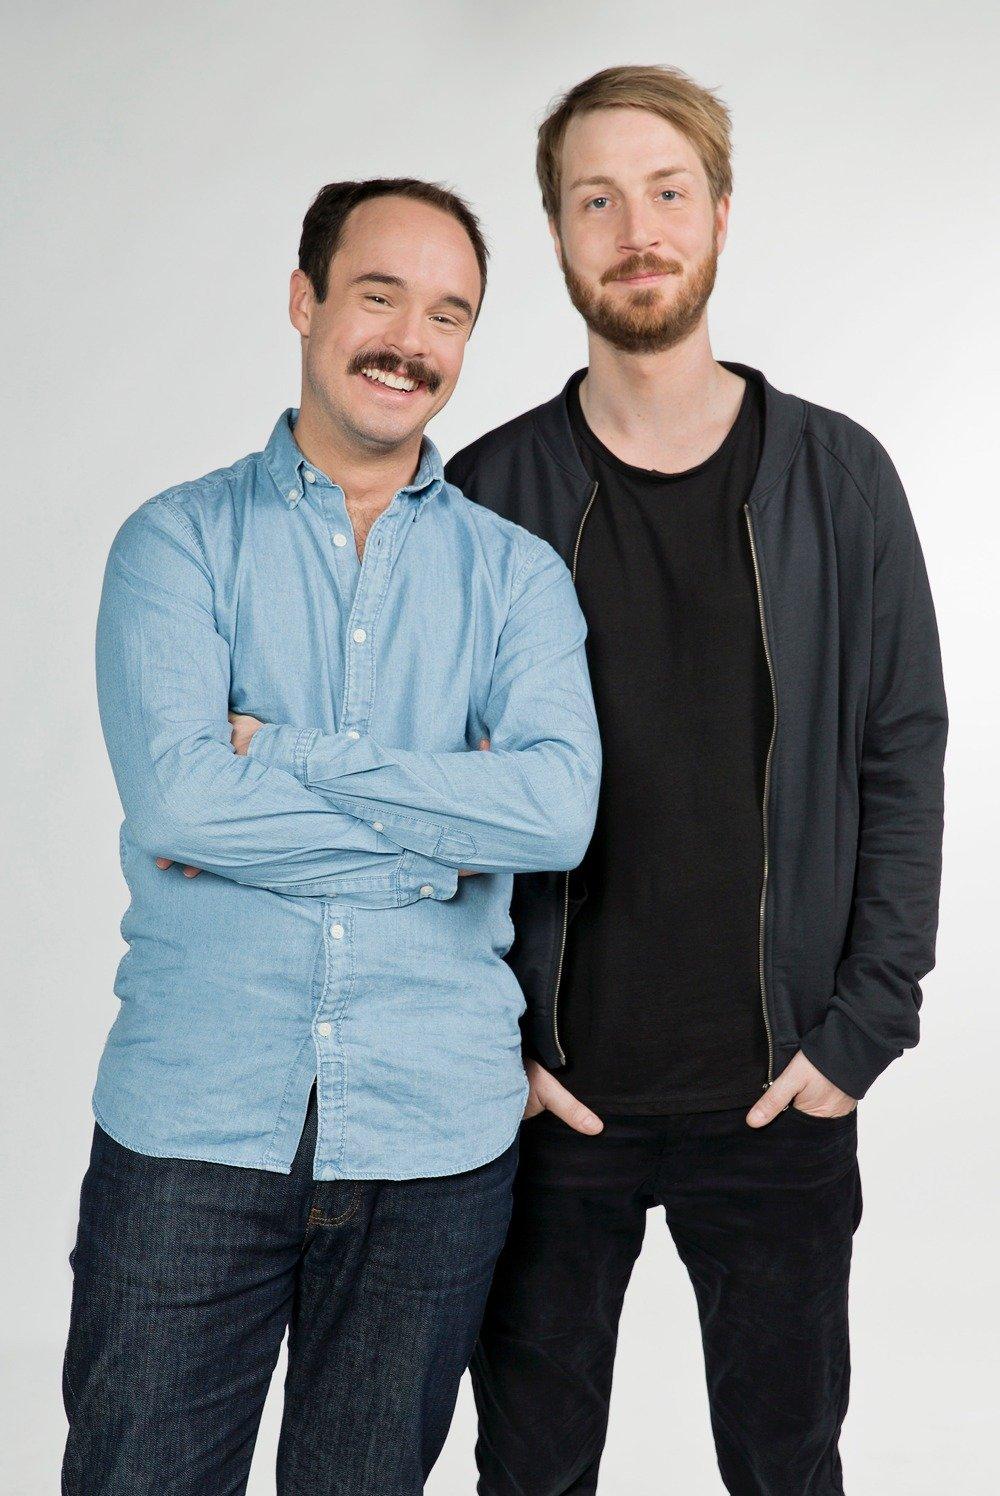 Matthias Kammel (l) und Ron Kühler (r) verstärken das 1LIVE-Moderationsteam (Bild: WDR/Annika Fußwinkel)